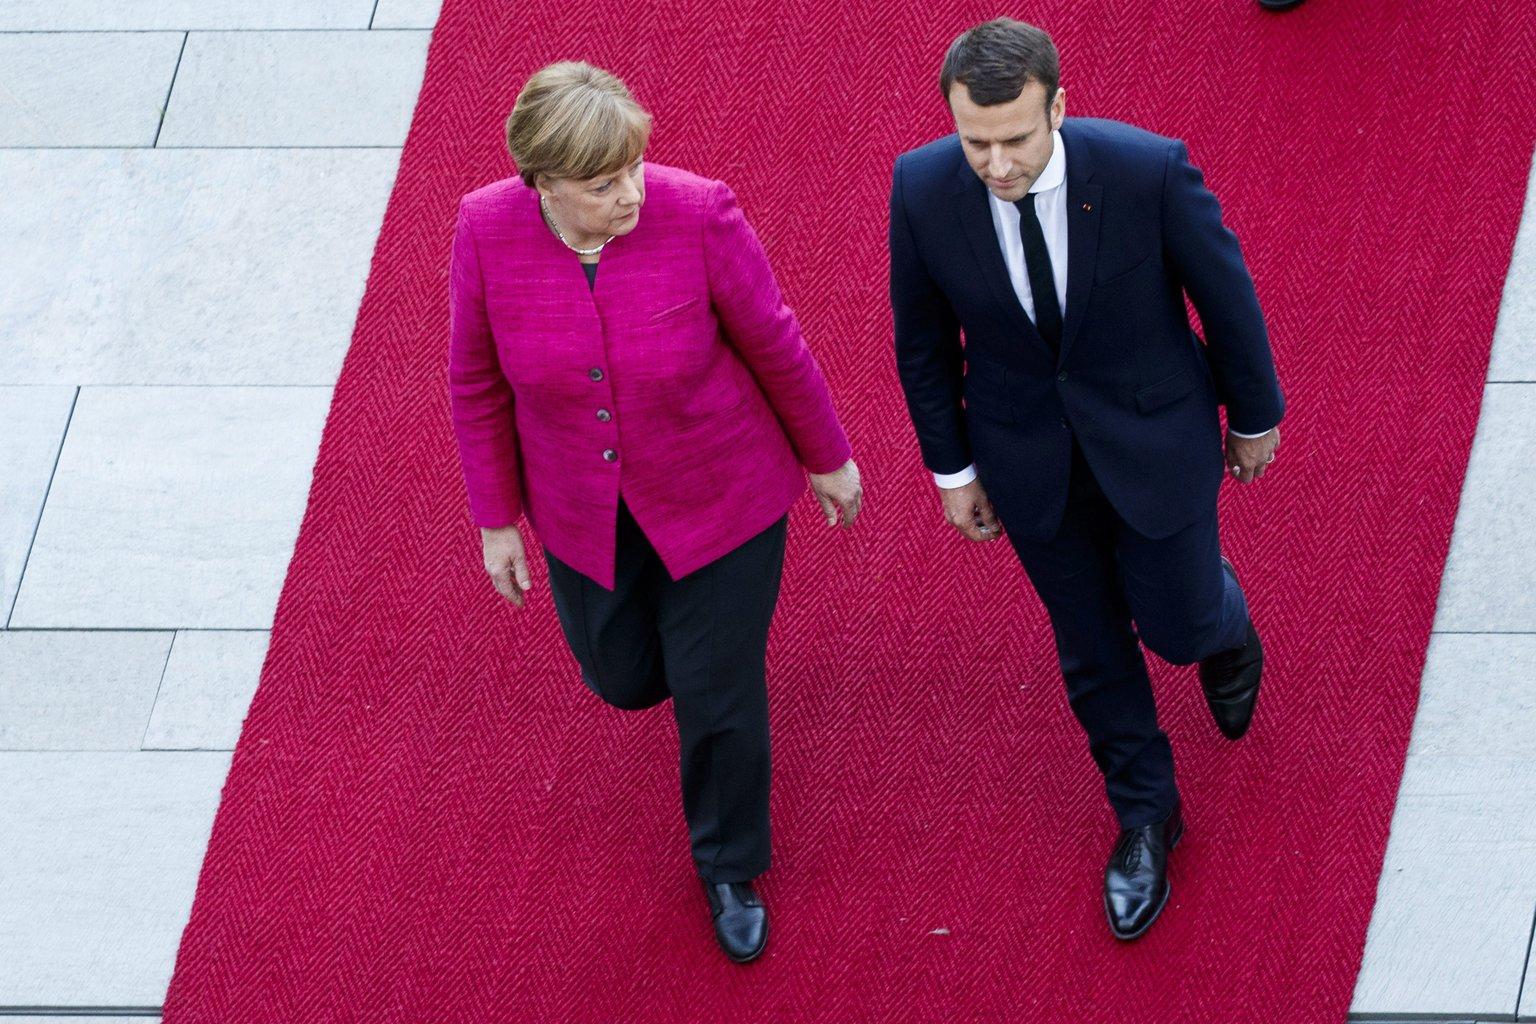 Berlin, 2017. május 15. Angela Merkel német kancellár (b) és Emmanuel Macron új francia államfő a berlini kancellári hivatal előtt tartott fogadási ünnepségen 2017. május 15-én. A hivatalába előző nap beiktatott Emmanuel Macronnak a berlini az első hivatalos útja elnökként. (MTI/EPA/Carsten Koall)